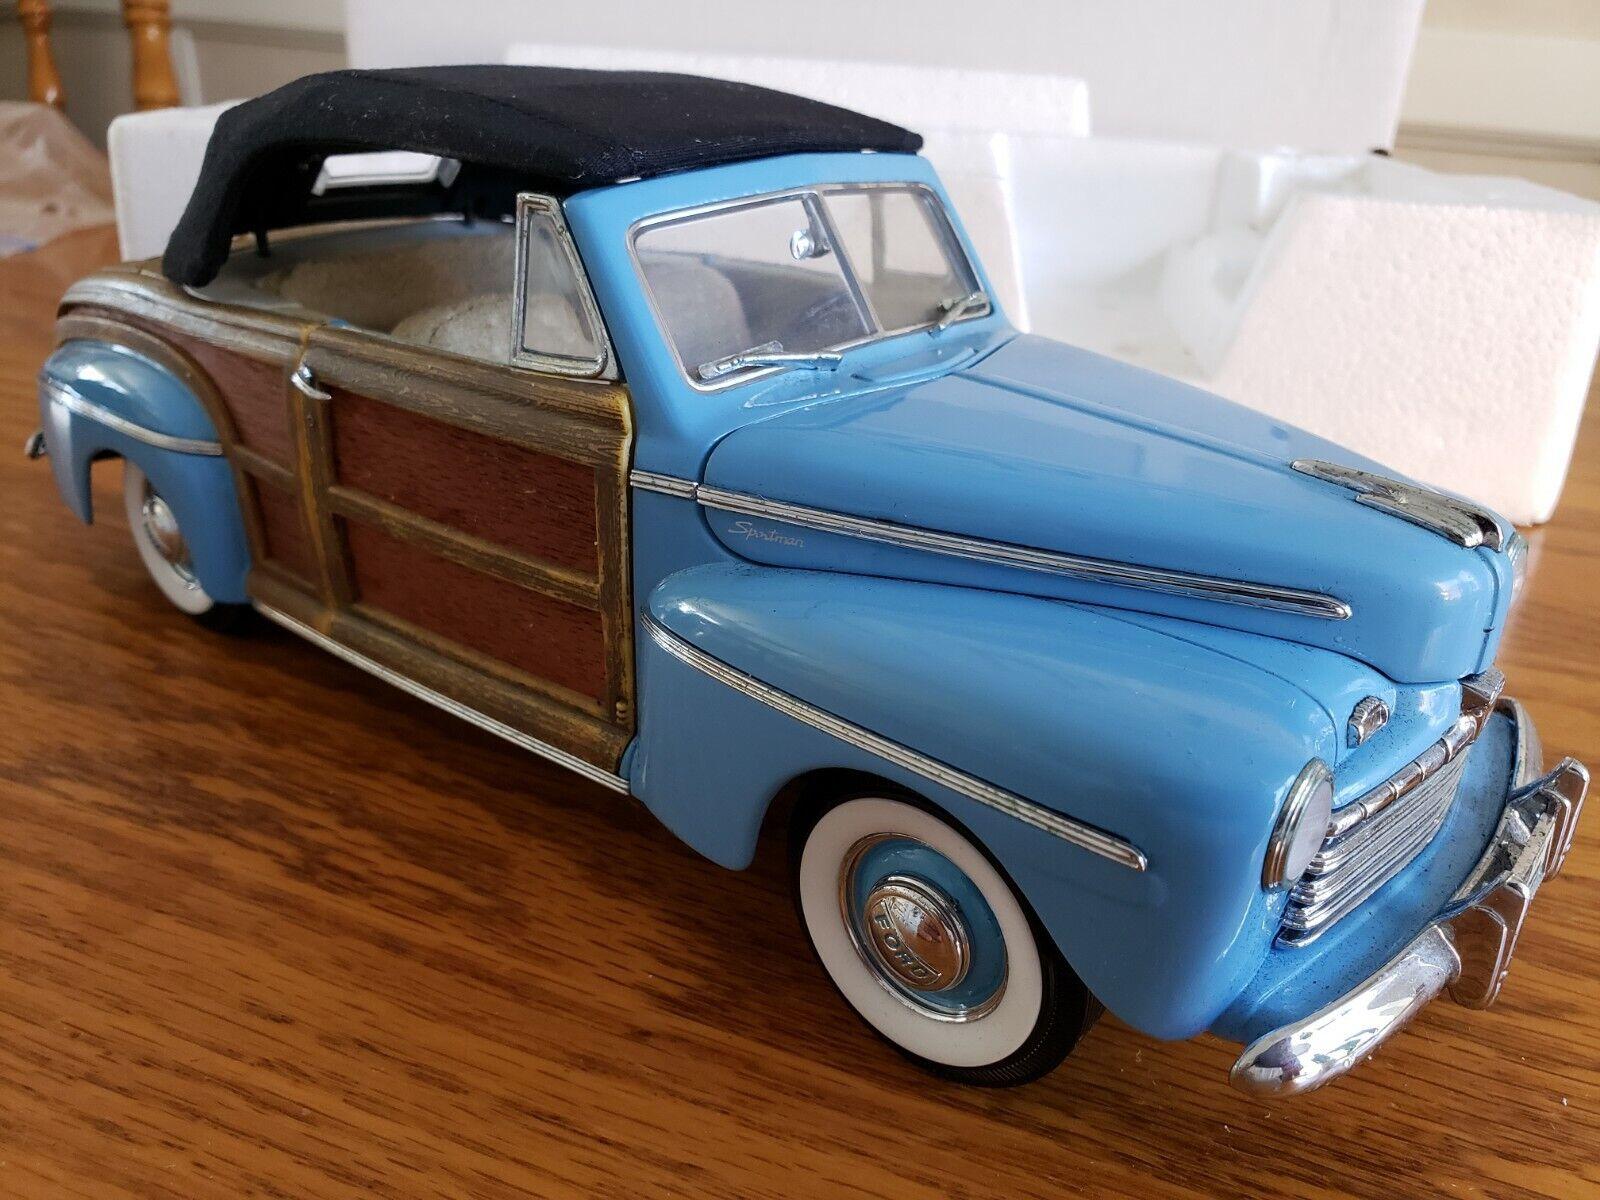 Signature  Models Ford 1946 Super SPORTShomme boisY 1 18 Scale Die Cast E  bienvenue à l'ordre